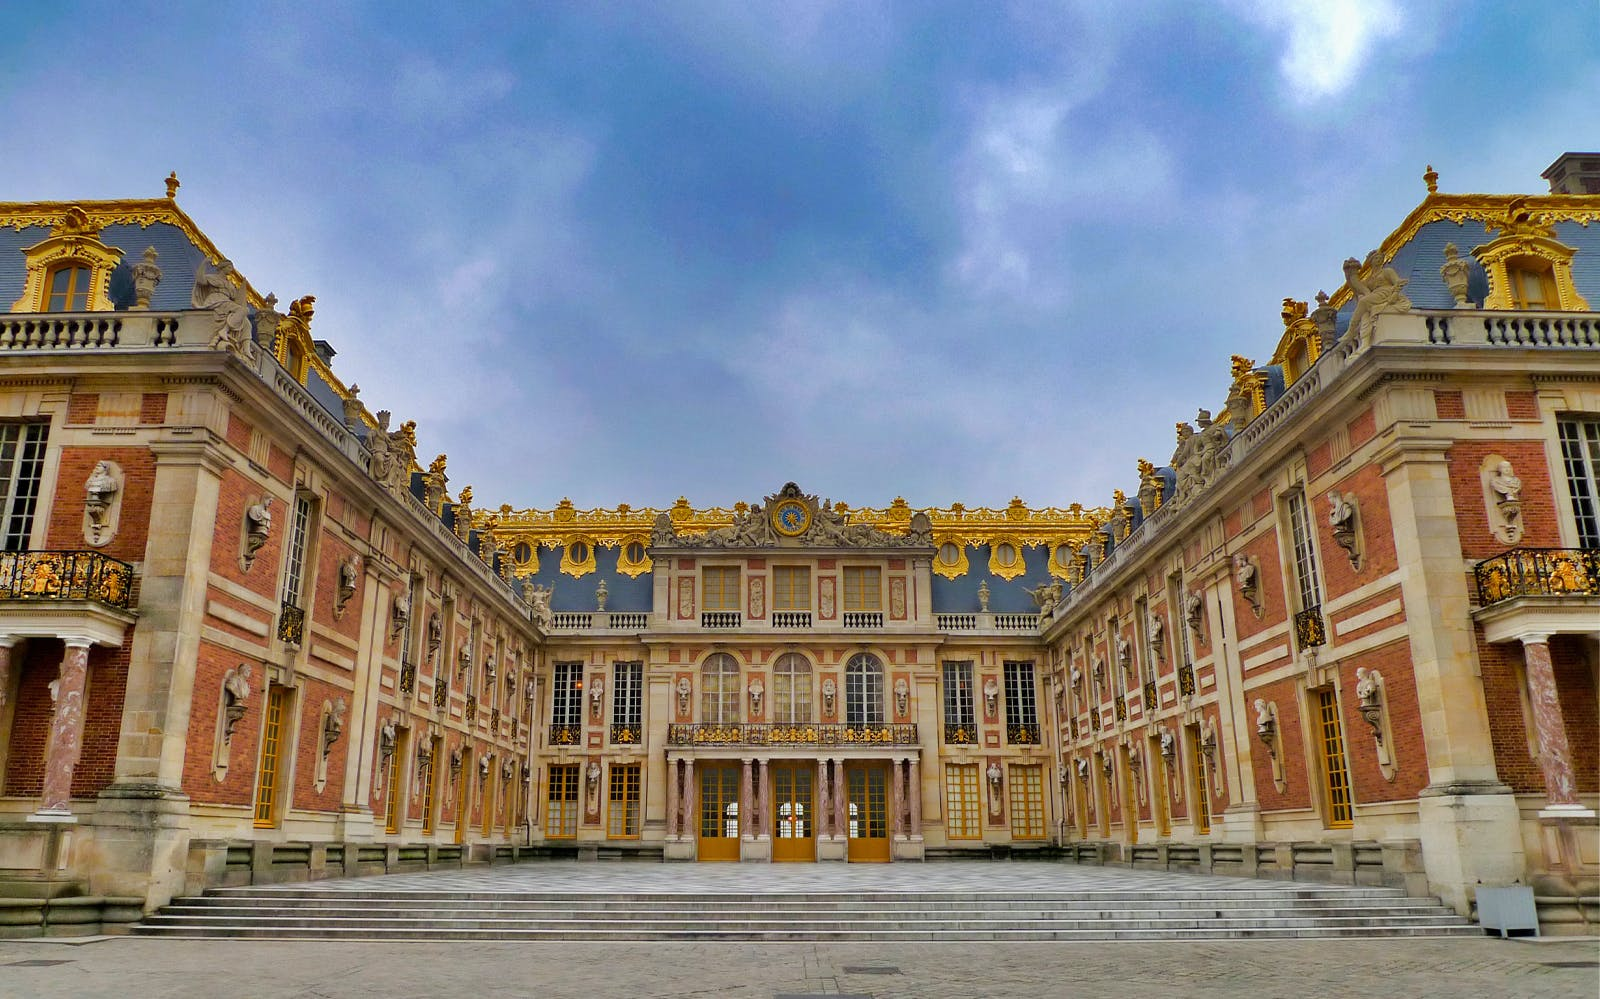 ورسای فرانسه در بهترین تورهای فرانسه